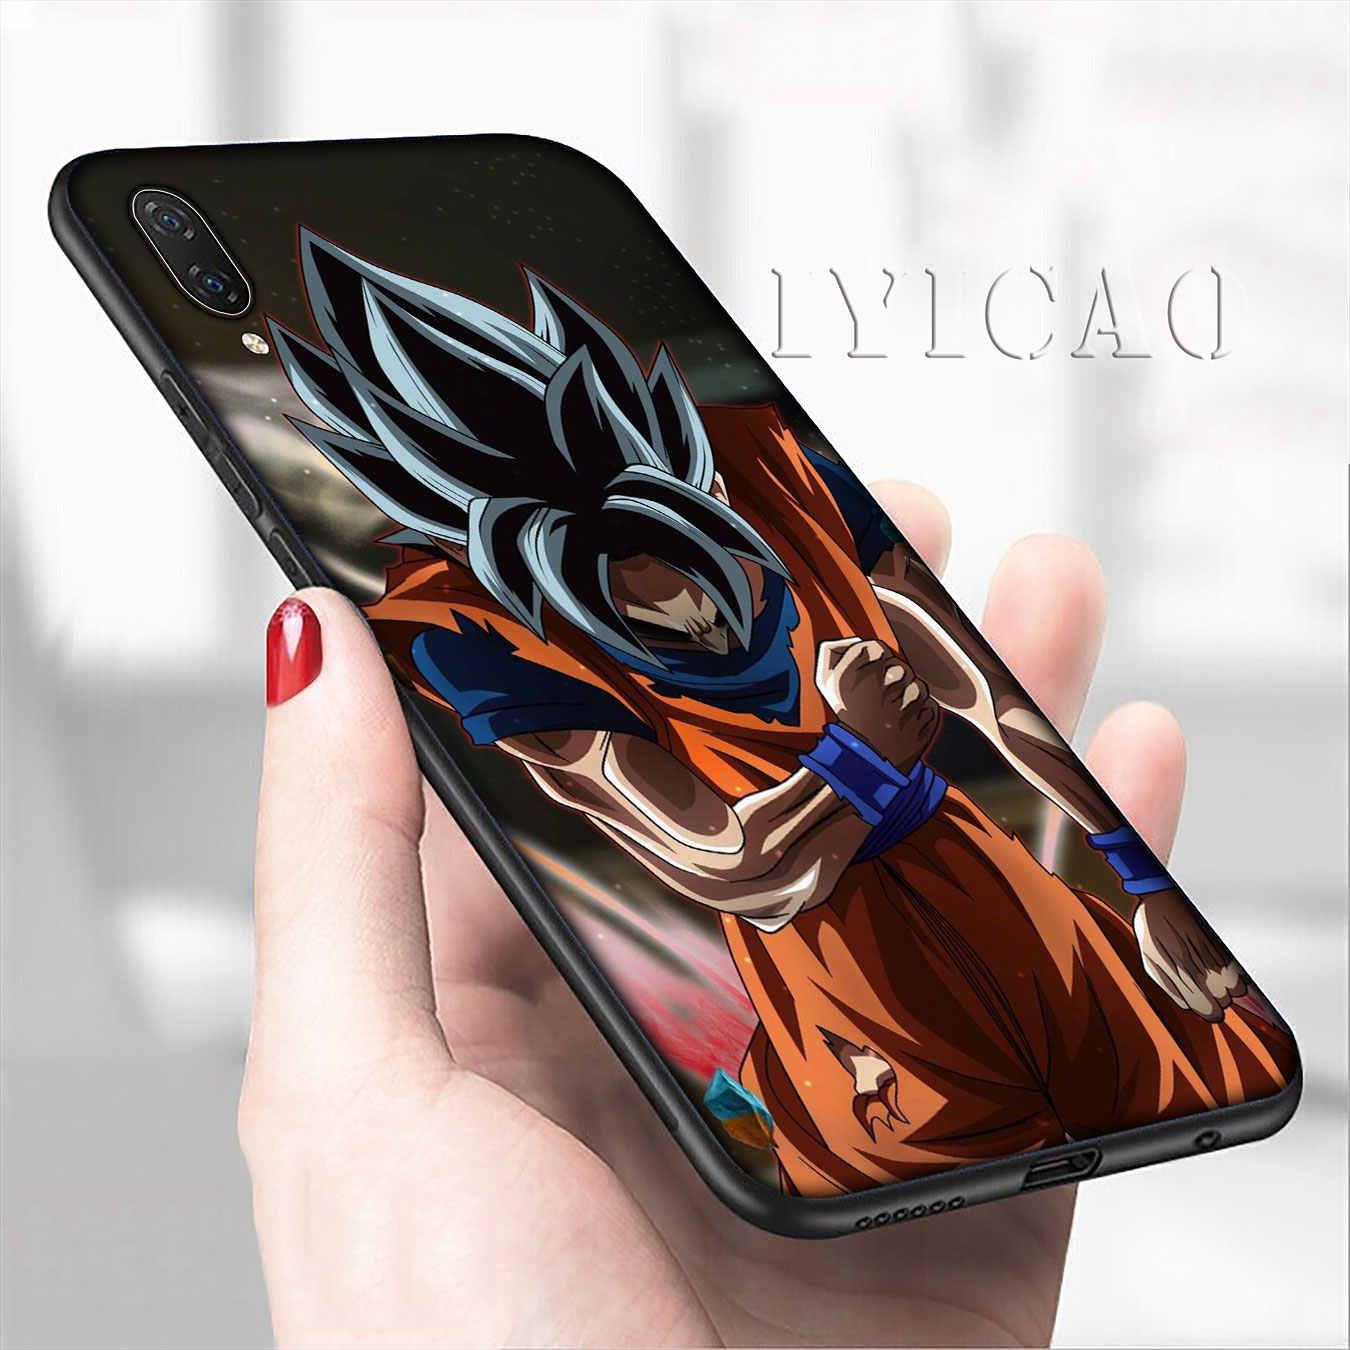 Iyicao Dragon Ball Z Anime Goku Hoạt Hình Mềm Mại Ốp Lưng Điện Thoại Tiểu Mi Mi 10 9 9T A3 Pro CC9 CC9E 8 SE A2 Lite A1 6 Pocophone F1 Mi 9